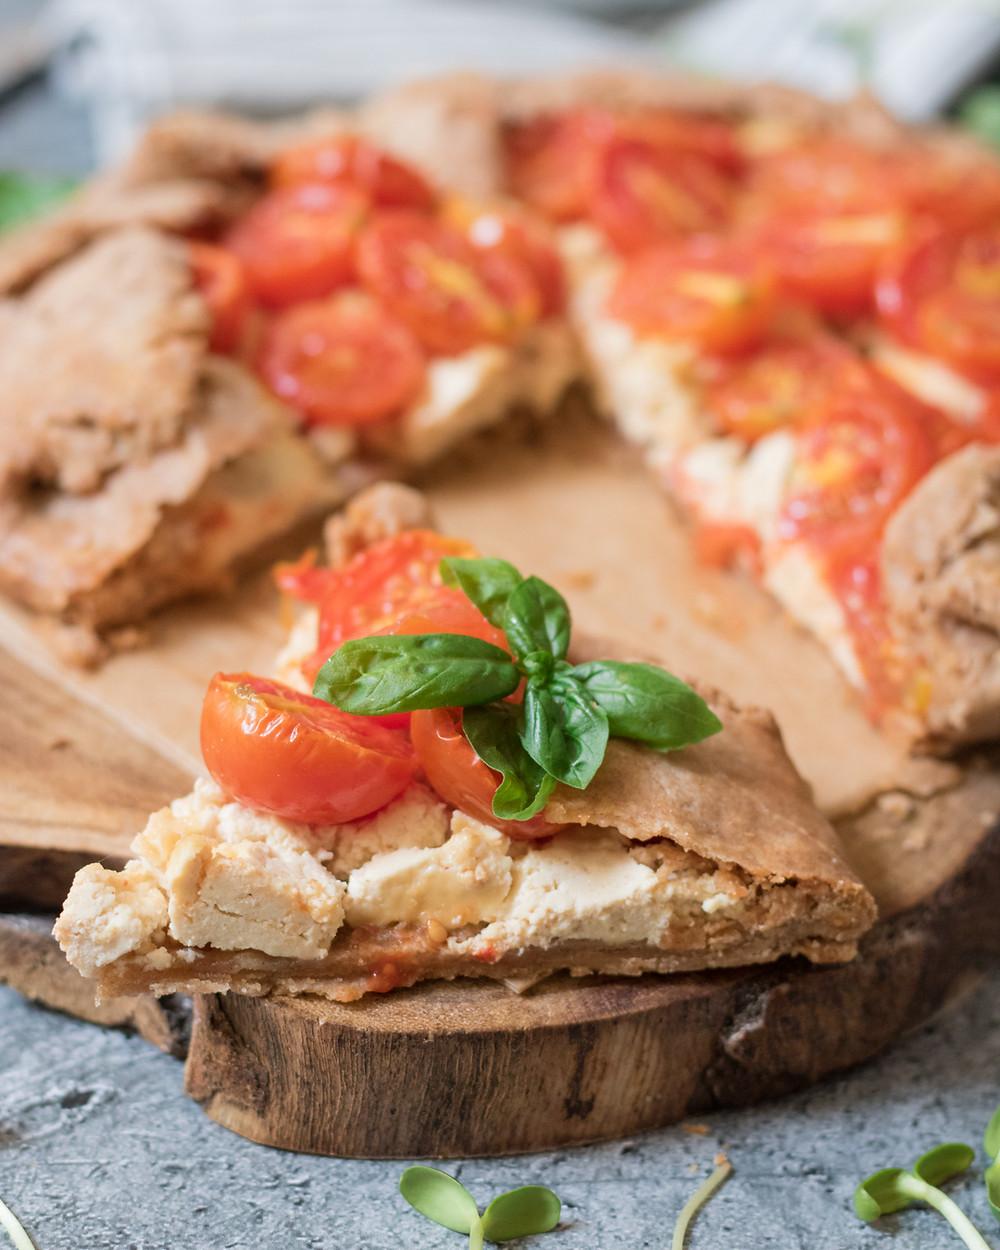 גאלט מלוח טבעוני במילוי גבינת פטה טבעונית ועגבניות שרי מקמח כוסמין מלא